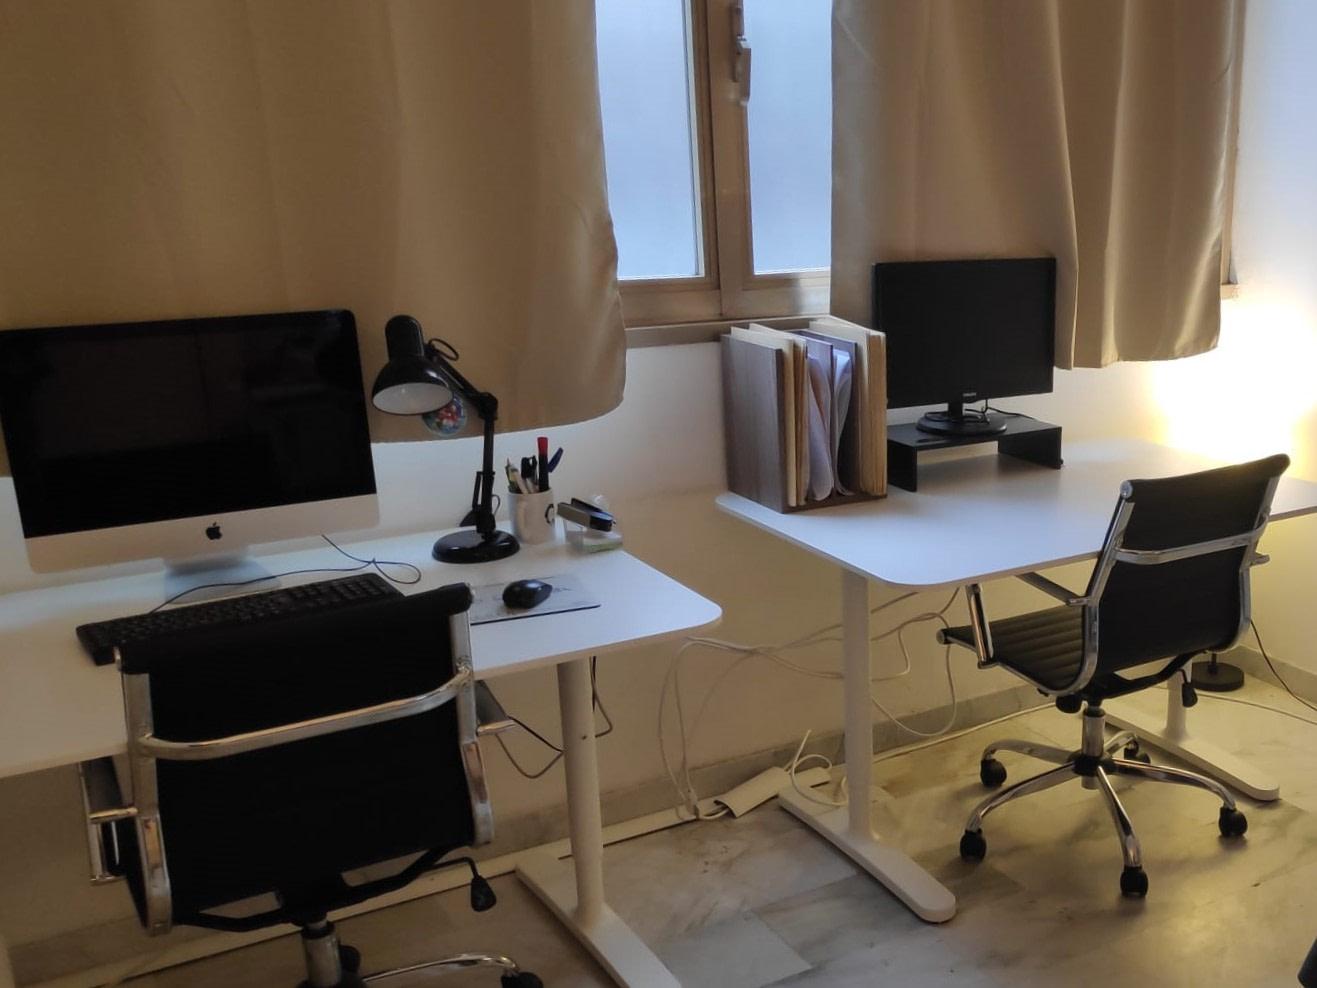 SaidiSEO office